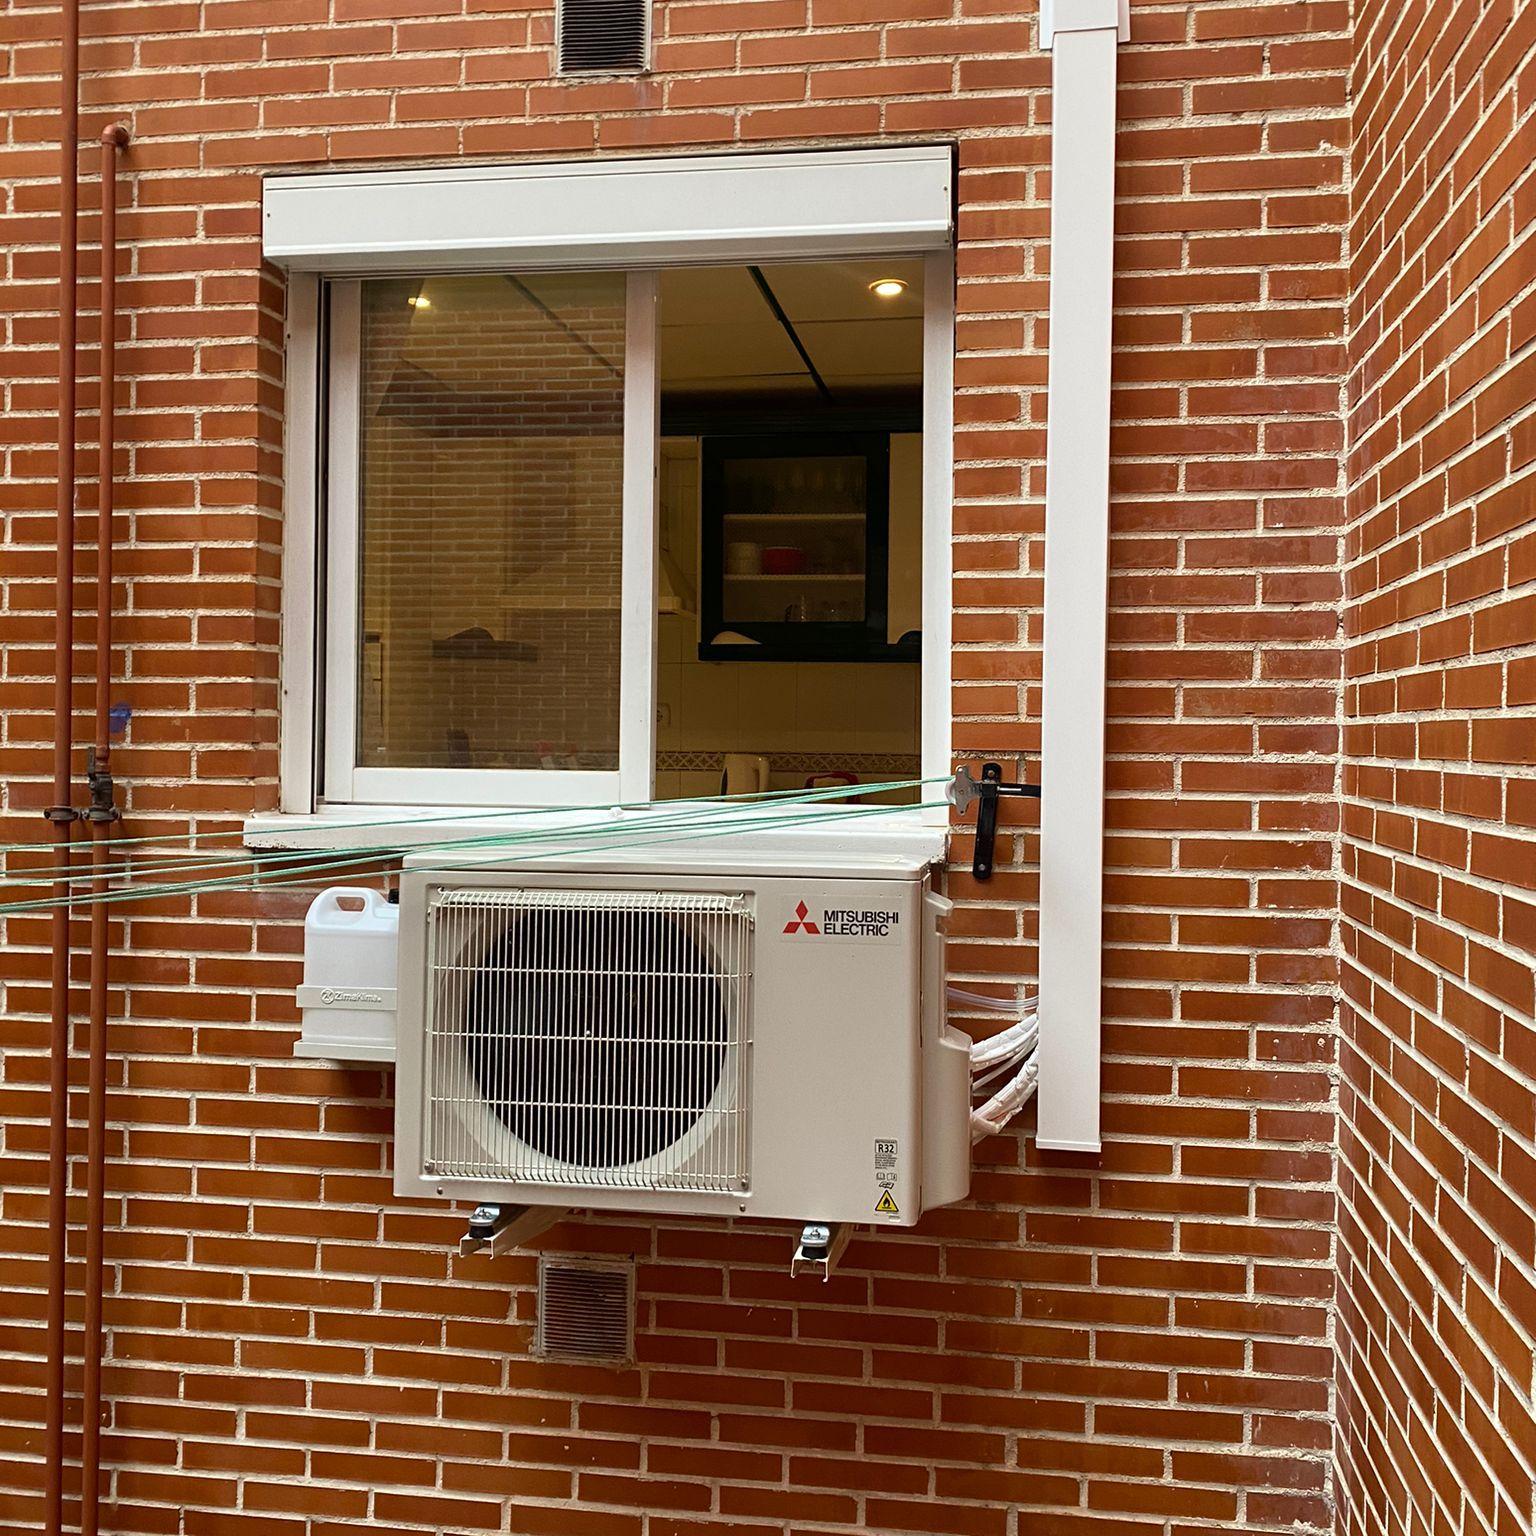 Instalacion-aire-acondicionado-dos-split